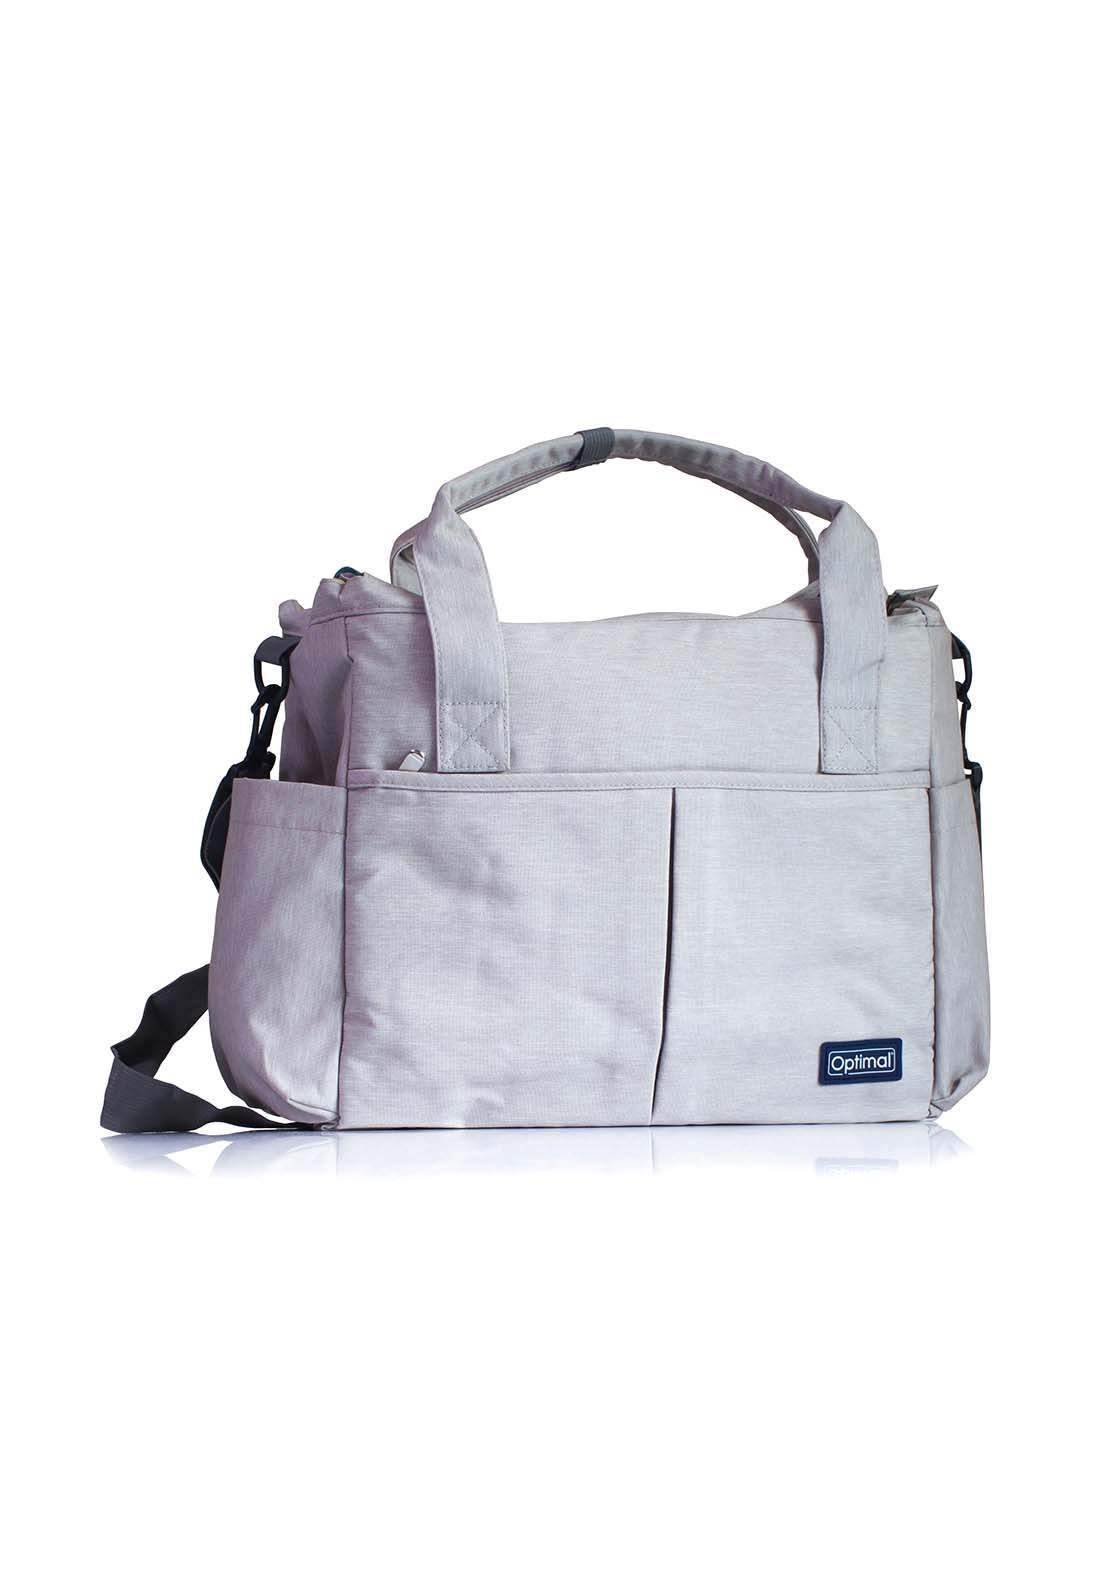 Optimal Baby Bag  حقيبة لمستلزمات الاطفال